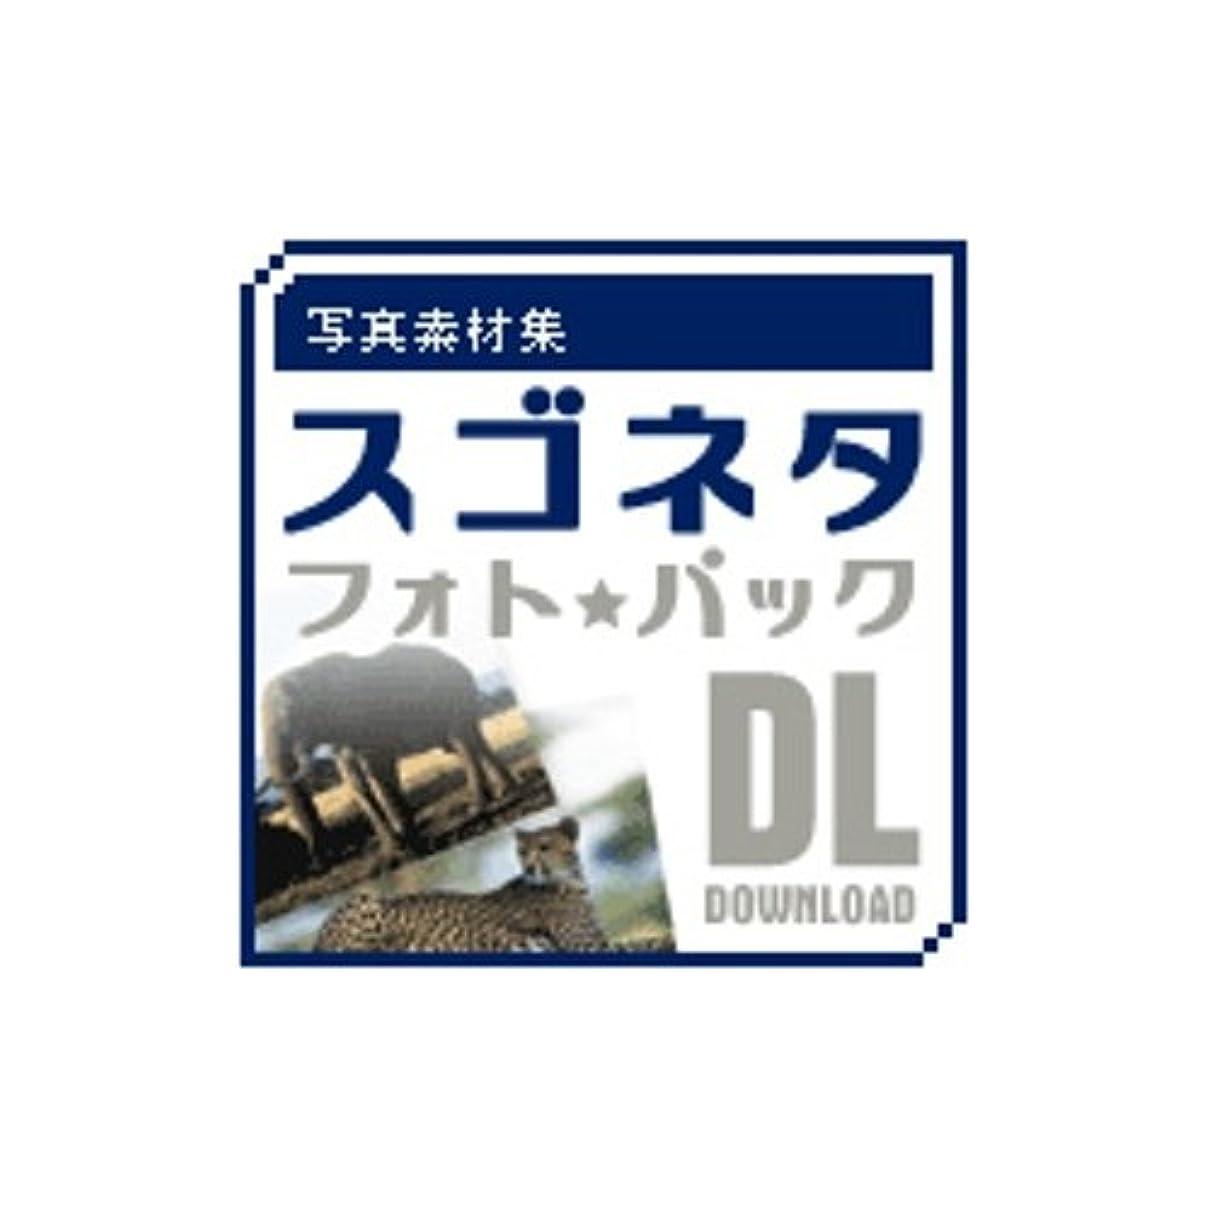 写真素材集 スゴネタフォトパック 四季の風景 DL [ダウンロード]